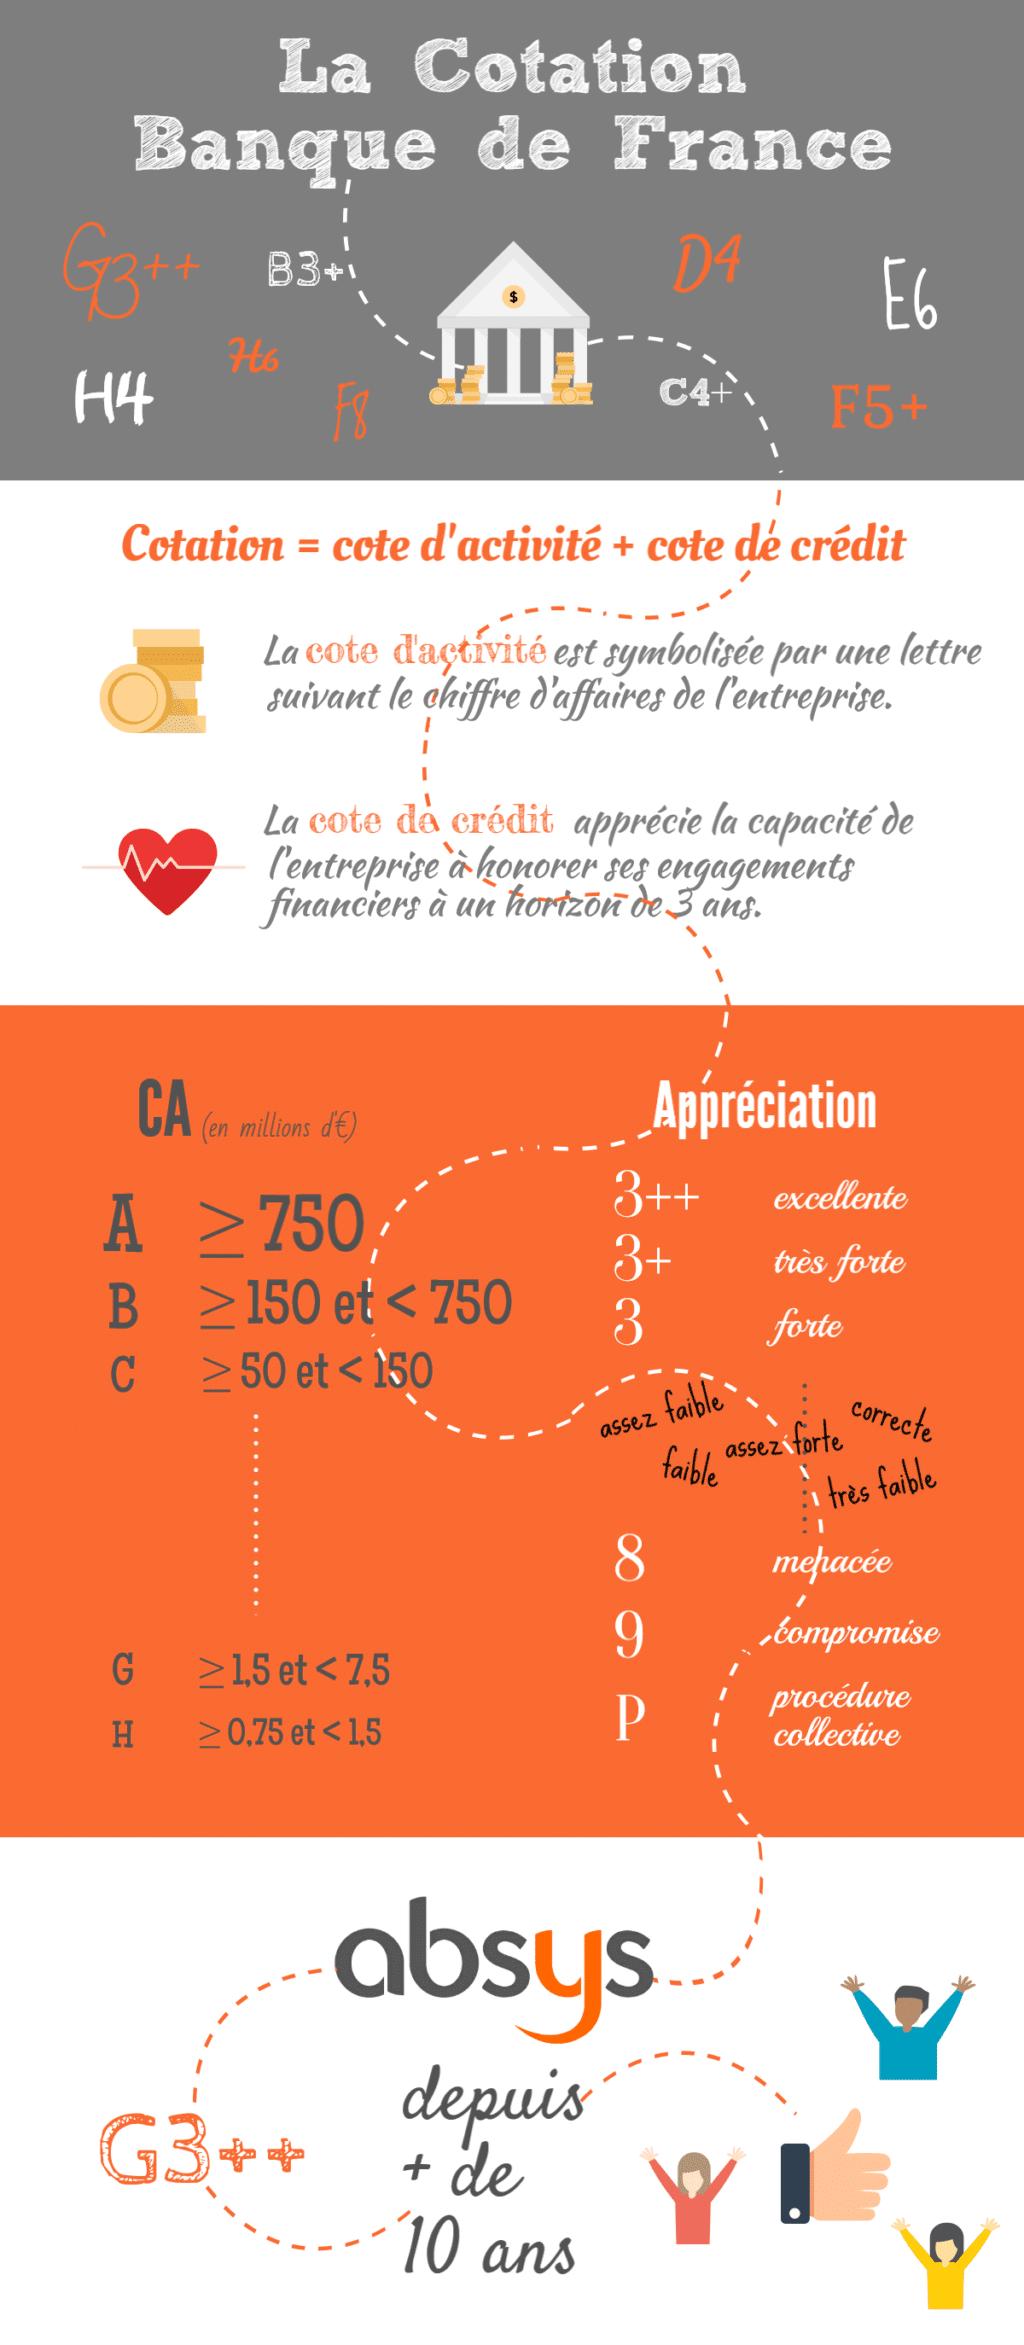 infographie_cotation_banque_de_france_absys